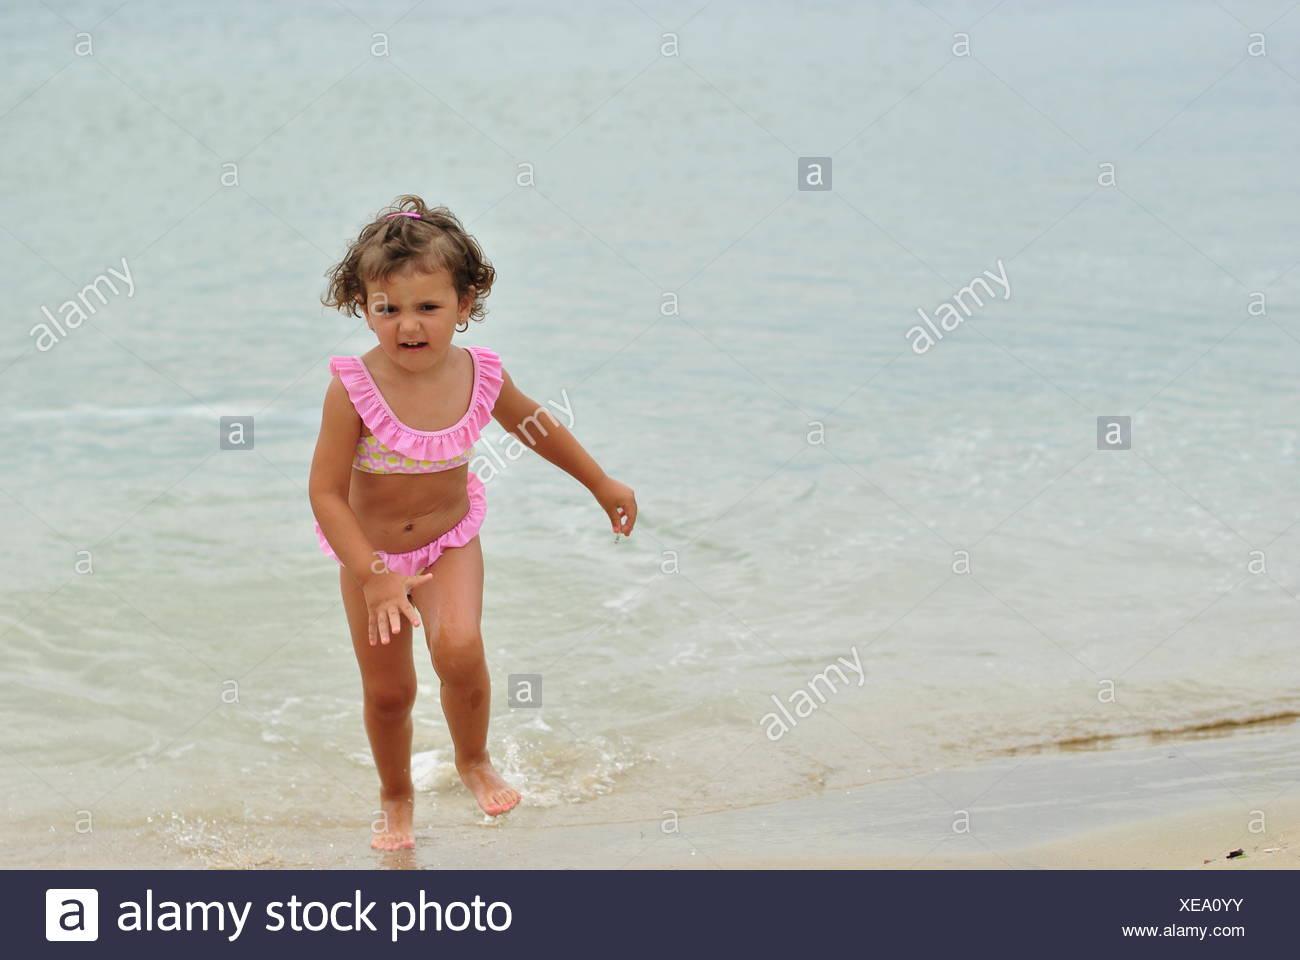 Girl in pink bikini running out of sea - Stock Image